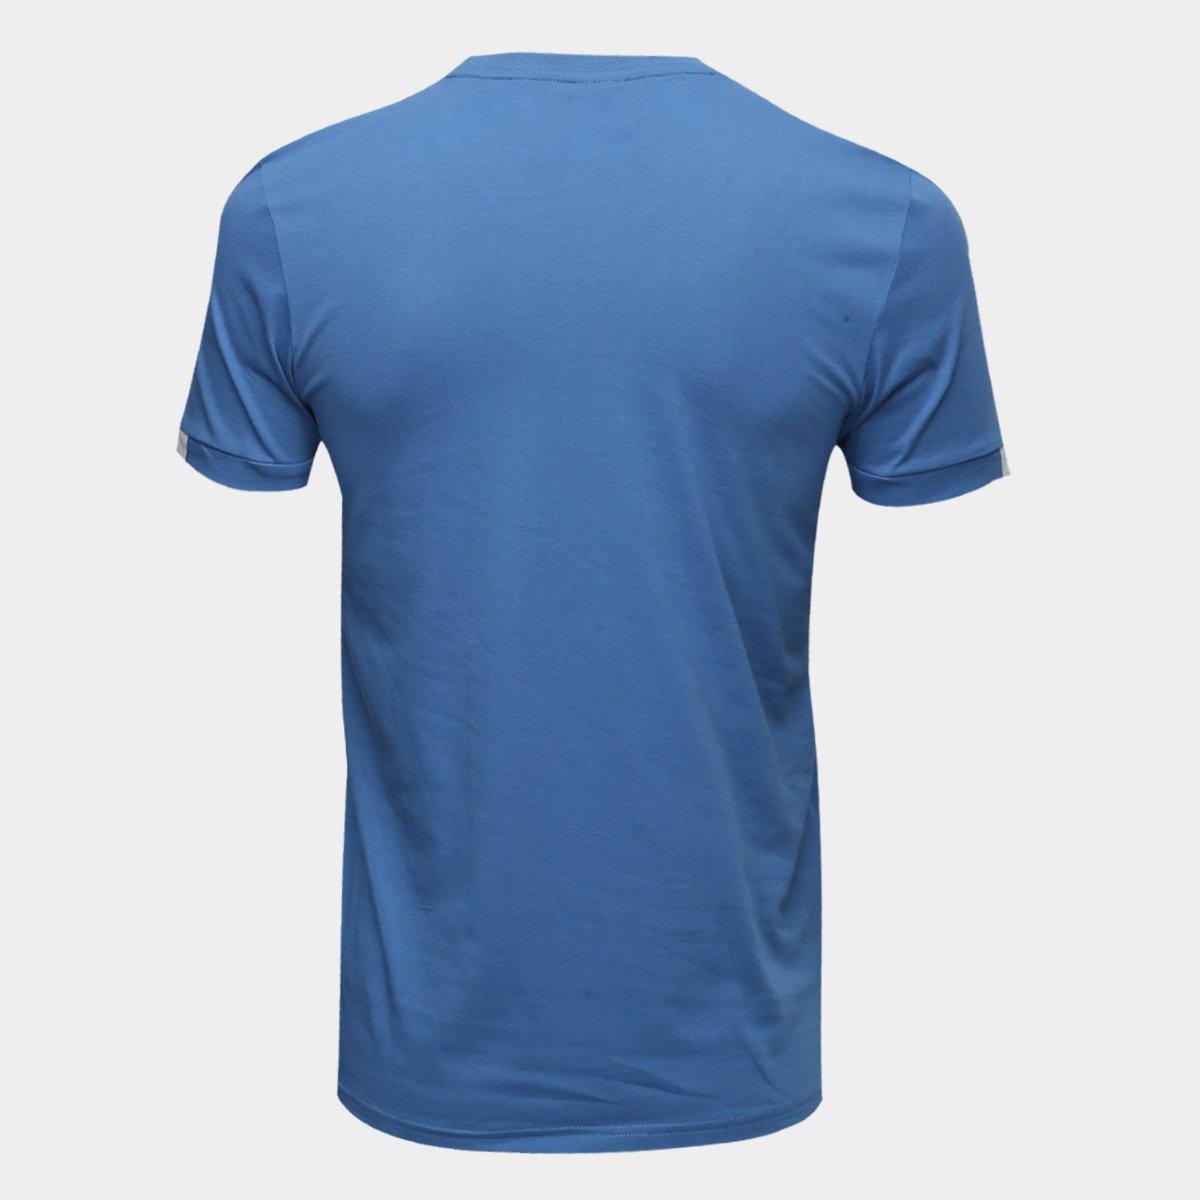 dadca89231 Camiseta Palmeiras Viagem Adidas Masculina  Camiseta Palmeiras Viagem  Adidas Masculina ...